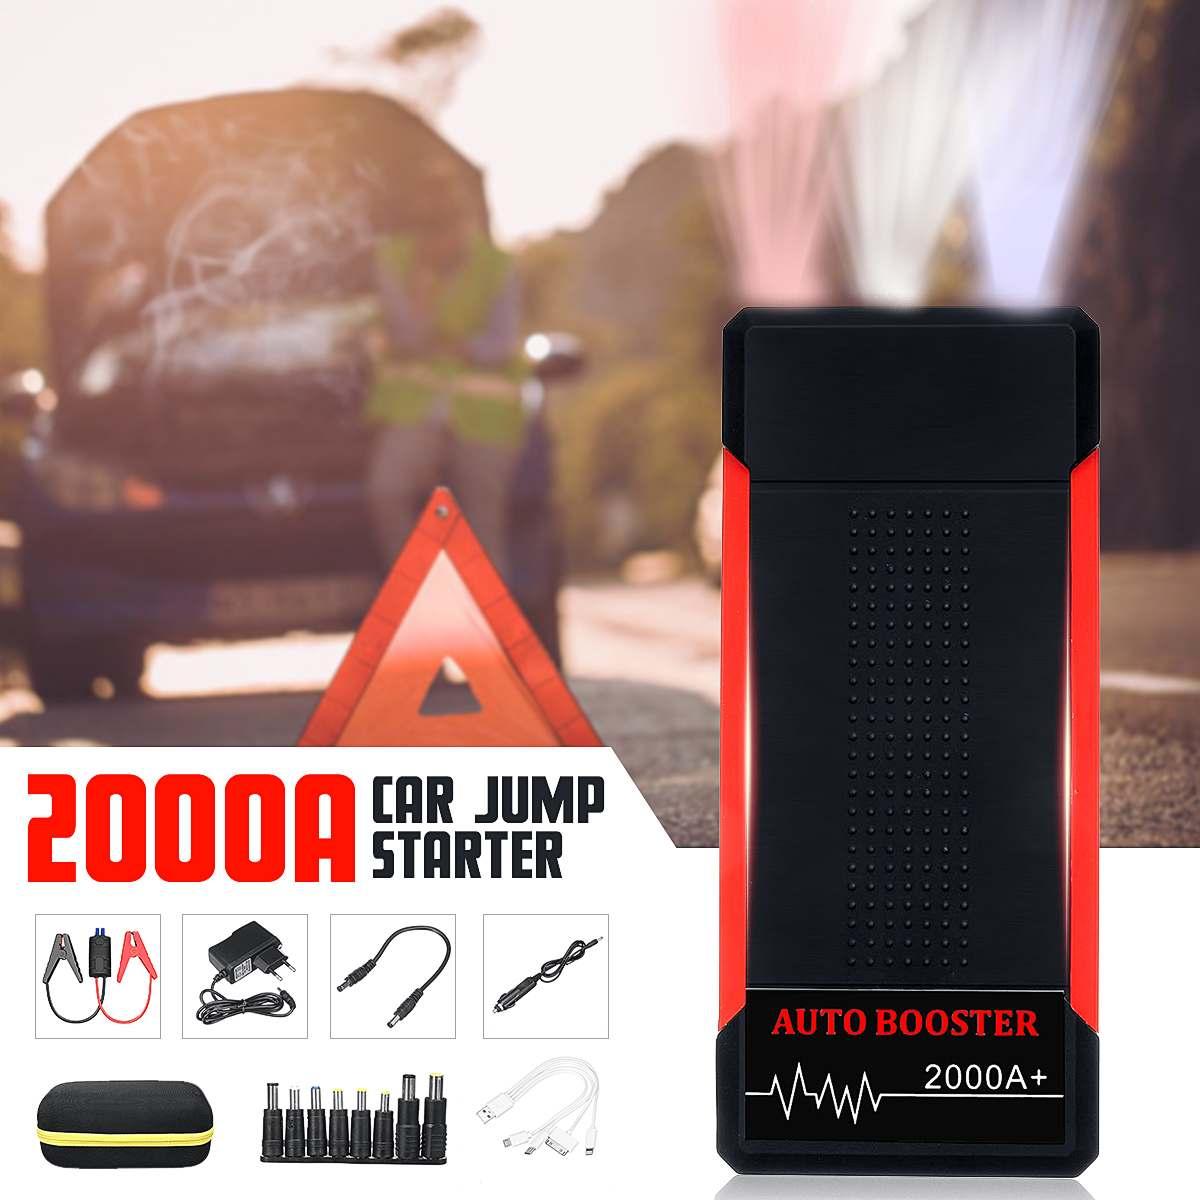 Voiture saut démarreur batterie externe 2000A 24000 MAh Portable voiture batterie Booster chargeur 12 V dispositif de démarrage essence Diesel voiture démarreur